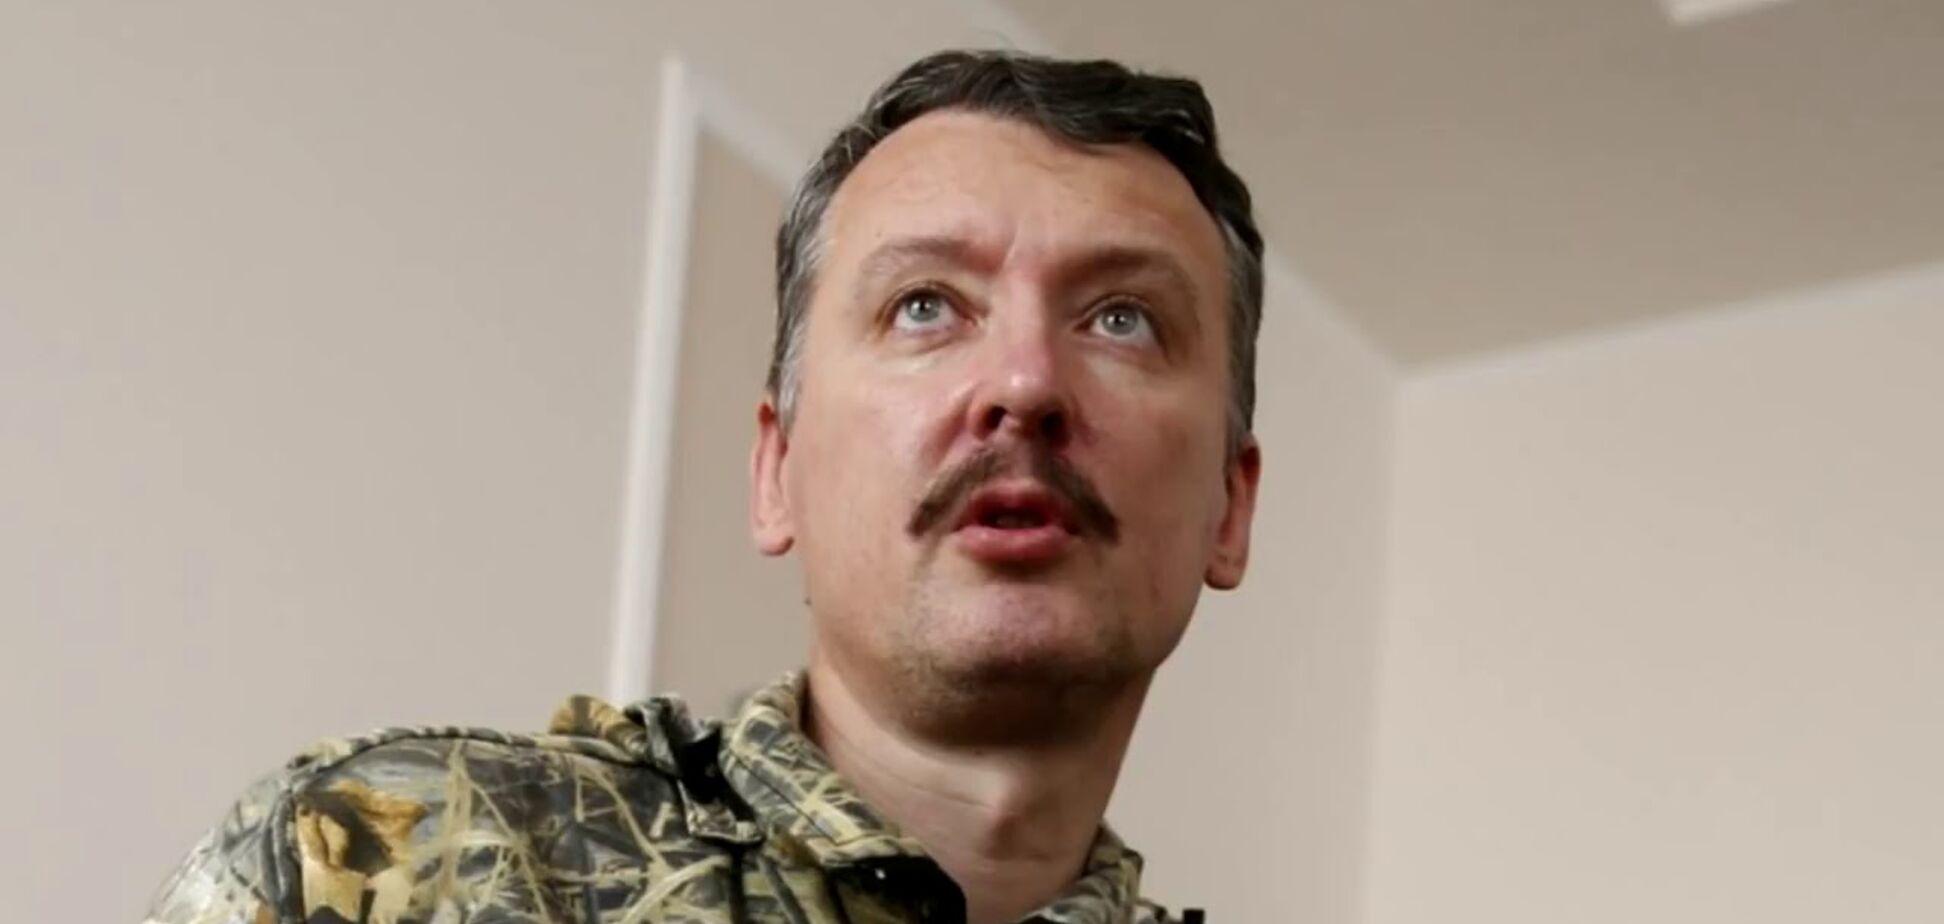 Гіркін працює на Кремль. Йому можуть віддати 'ЛНР' - опозиціонер